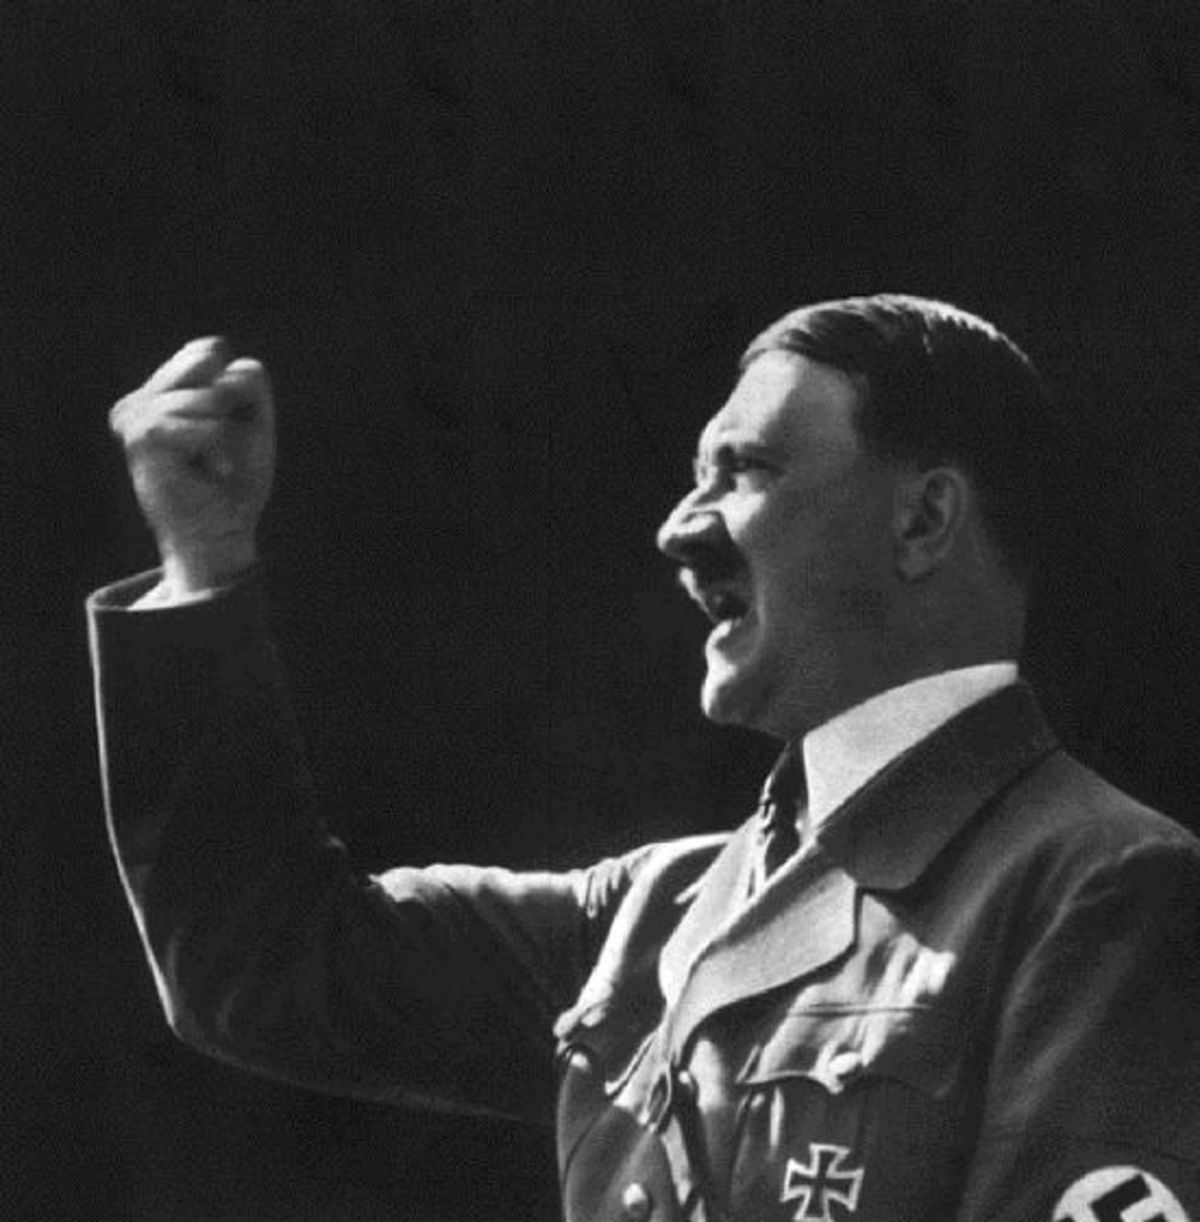 Ένας Εβραίος υποστηρίζει την επανέκδοση του «Αγών μου» του Χίτλερ και εξηγεί γιατί | Newsit.gr